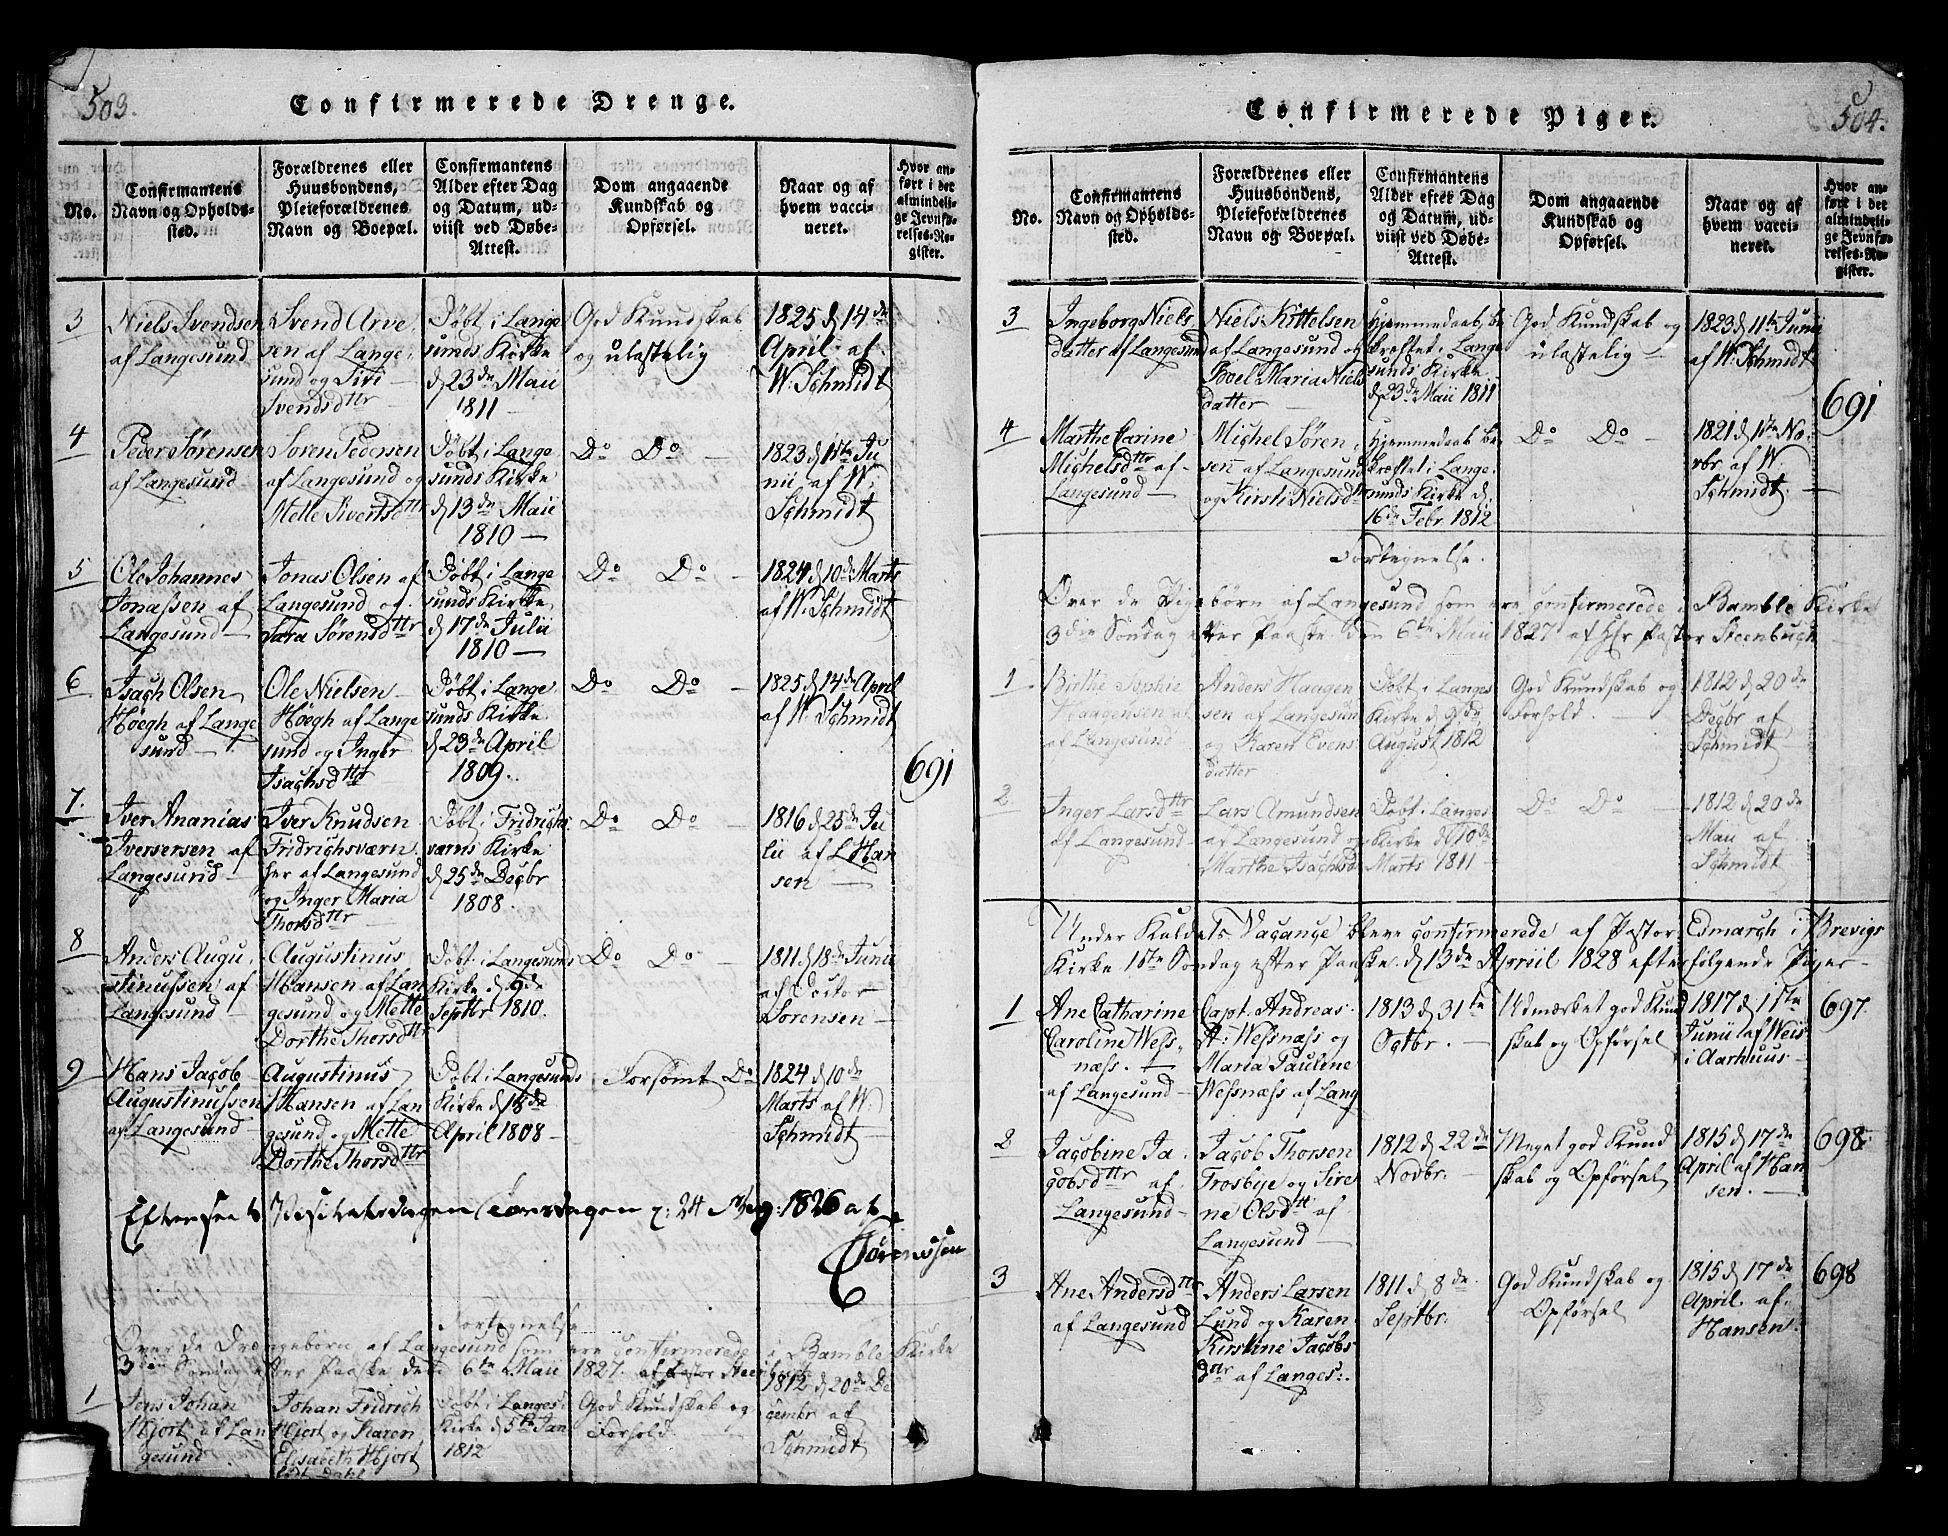 SAKO, Langesund kirkebøker, G/Ga/L0003: Klokkerbok nr. 3, 1815-1858, s. 503-504